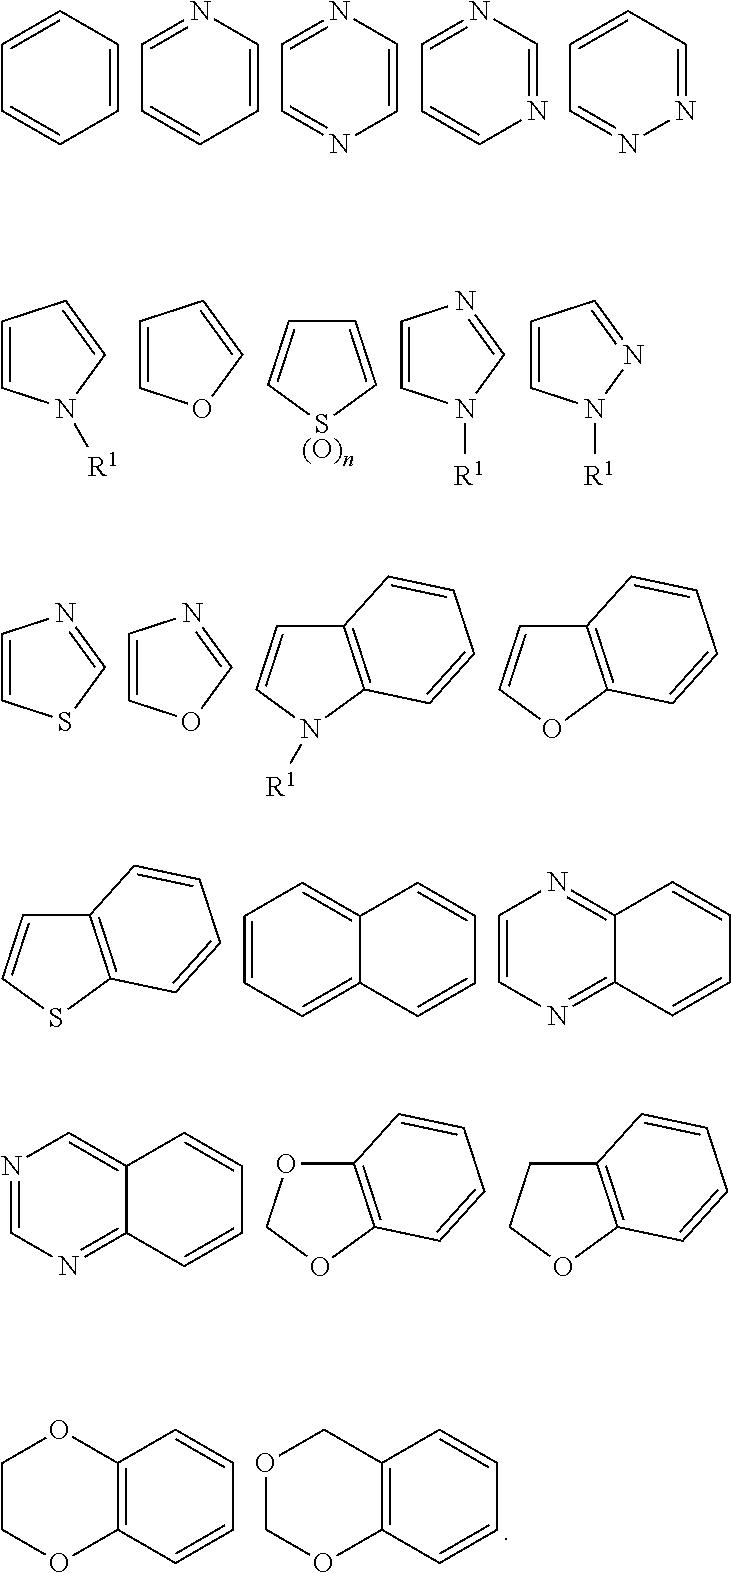 Figure US20110053905A1-20110303-C00007